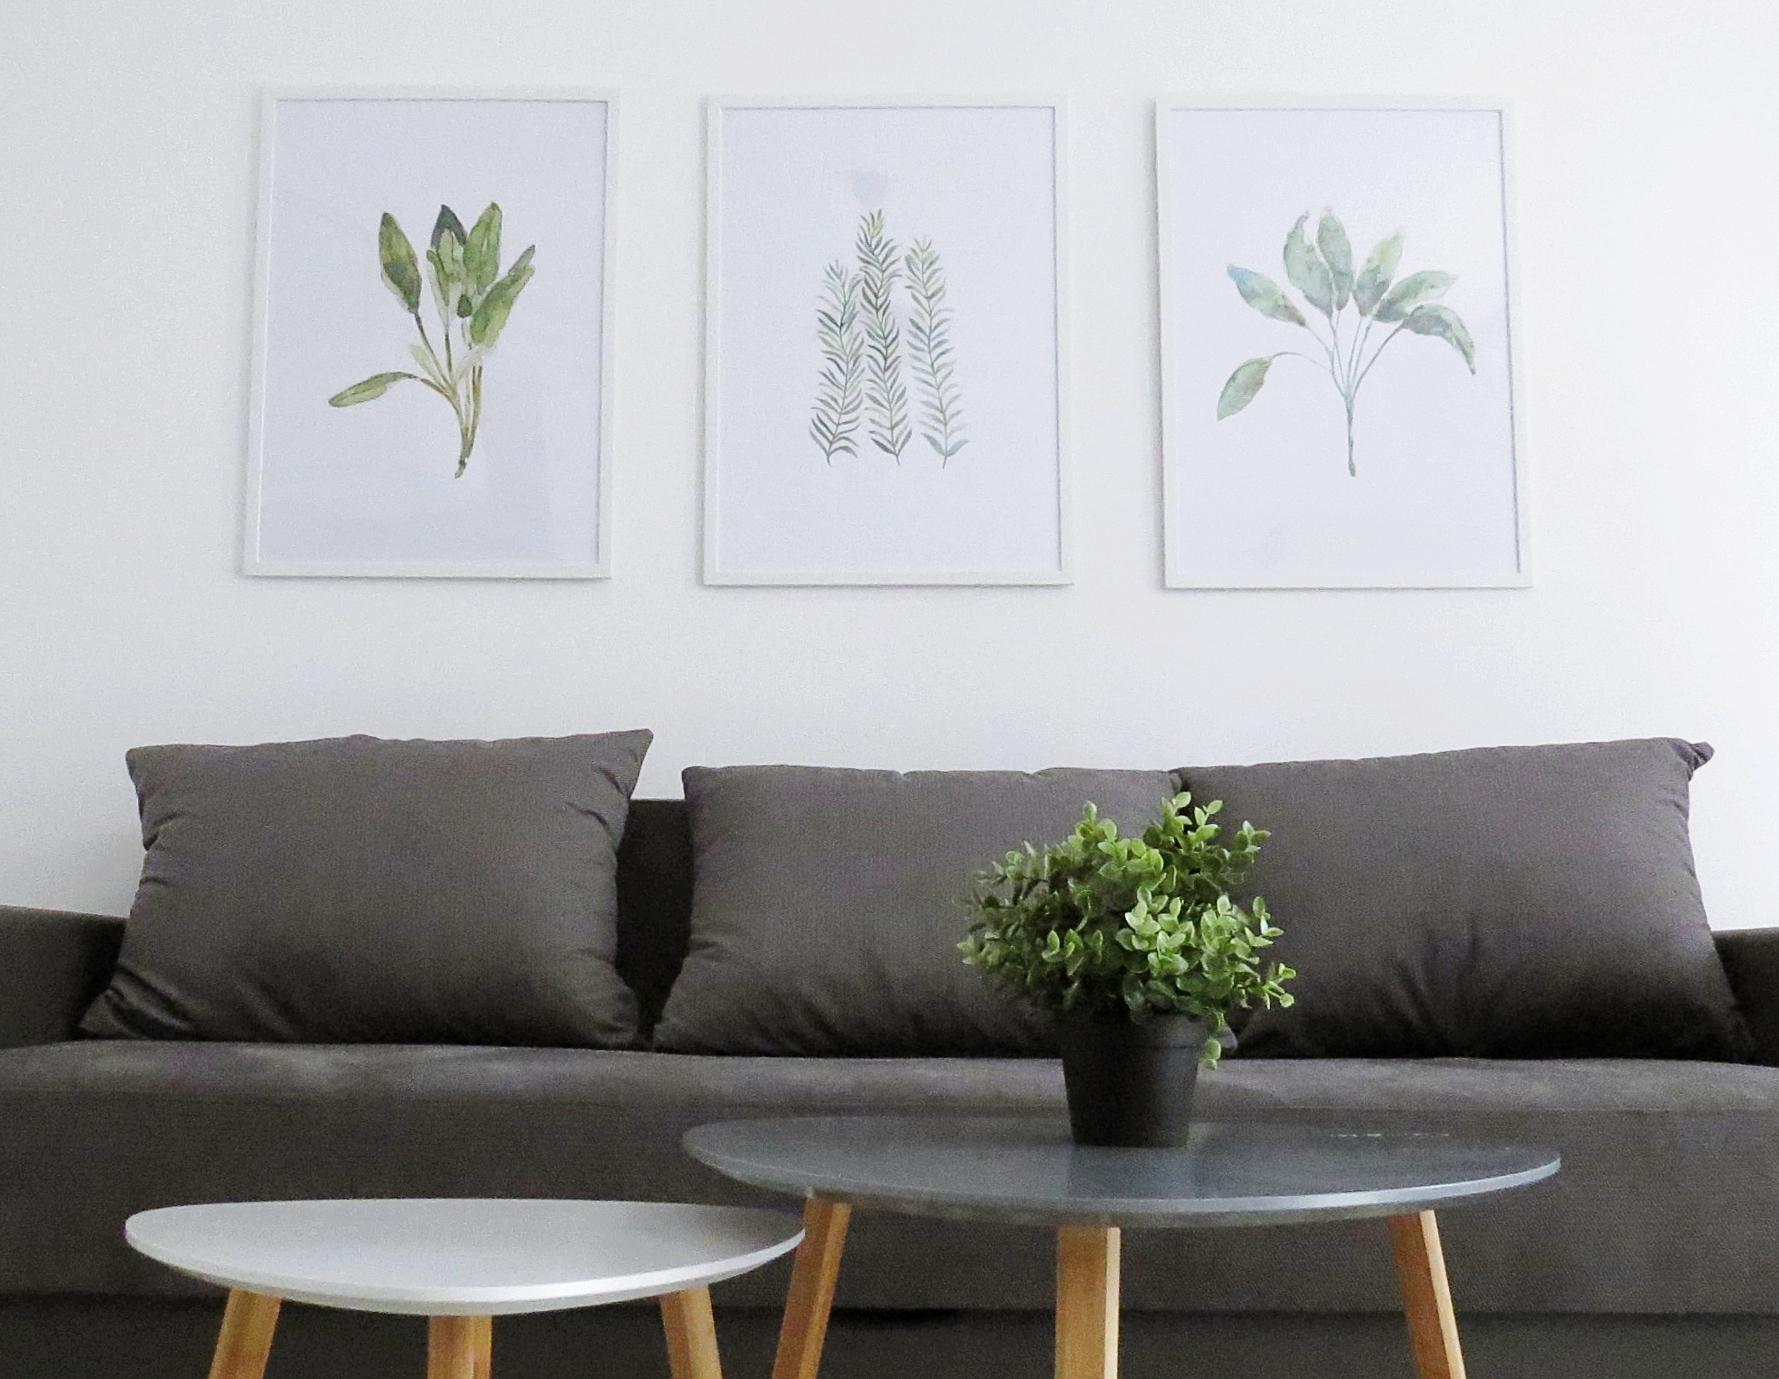 diy minimalist decor paintings